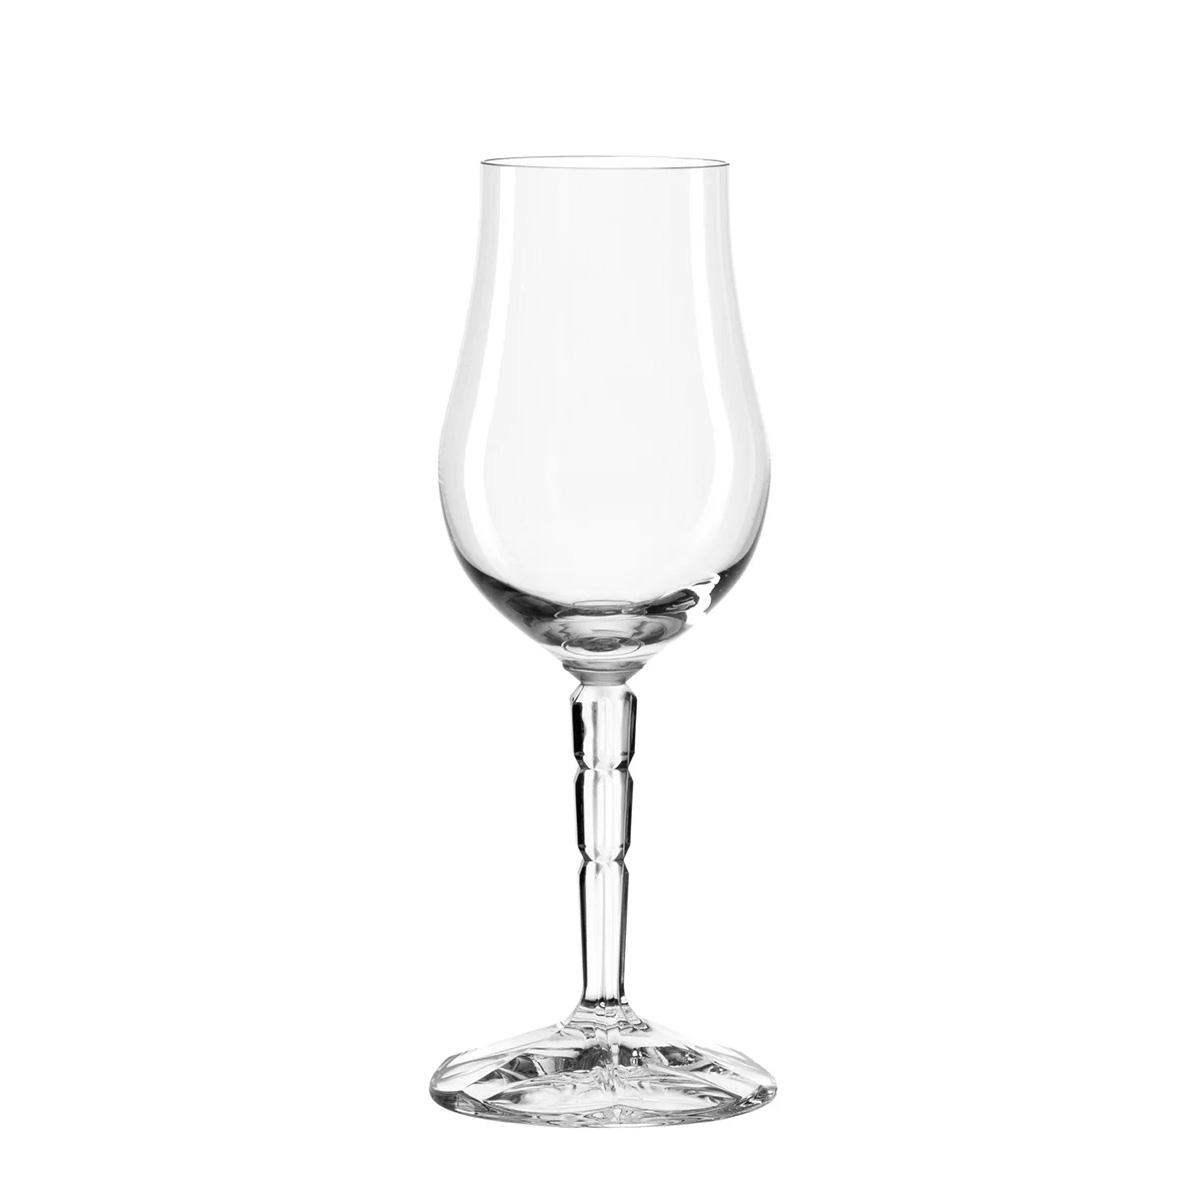 Čaša za rakiju Spiriti 22750